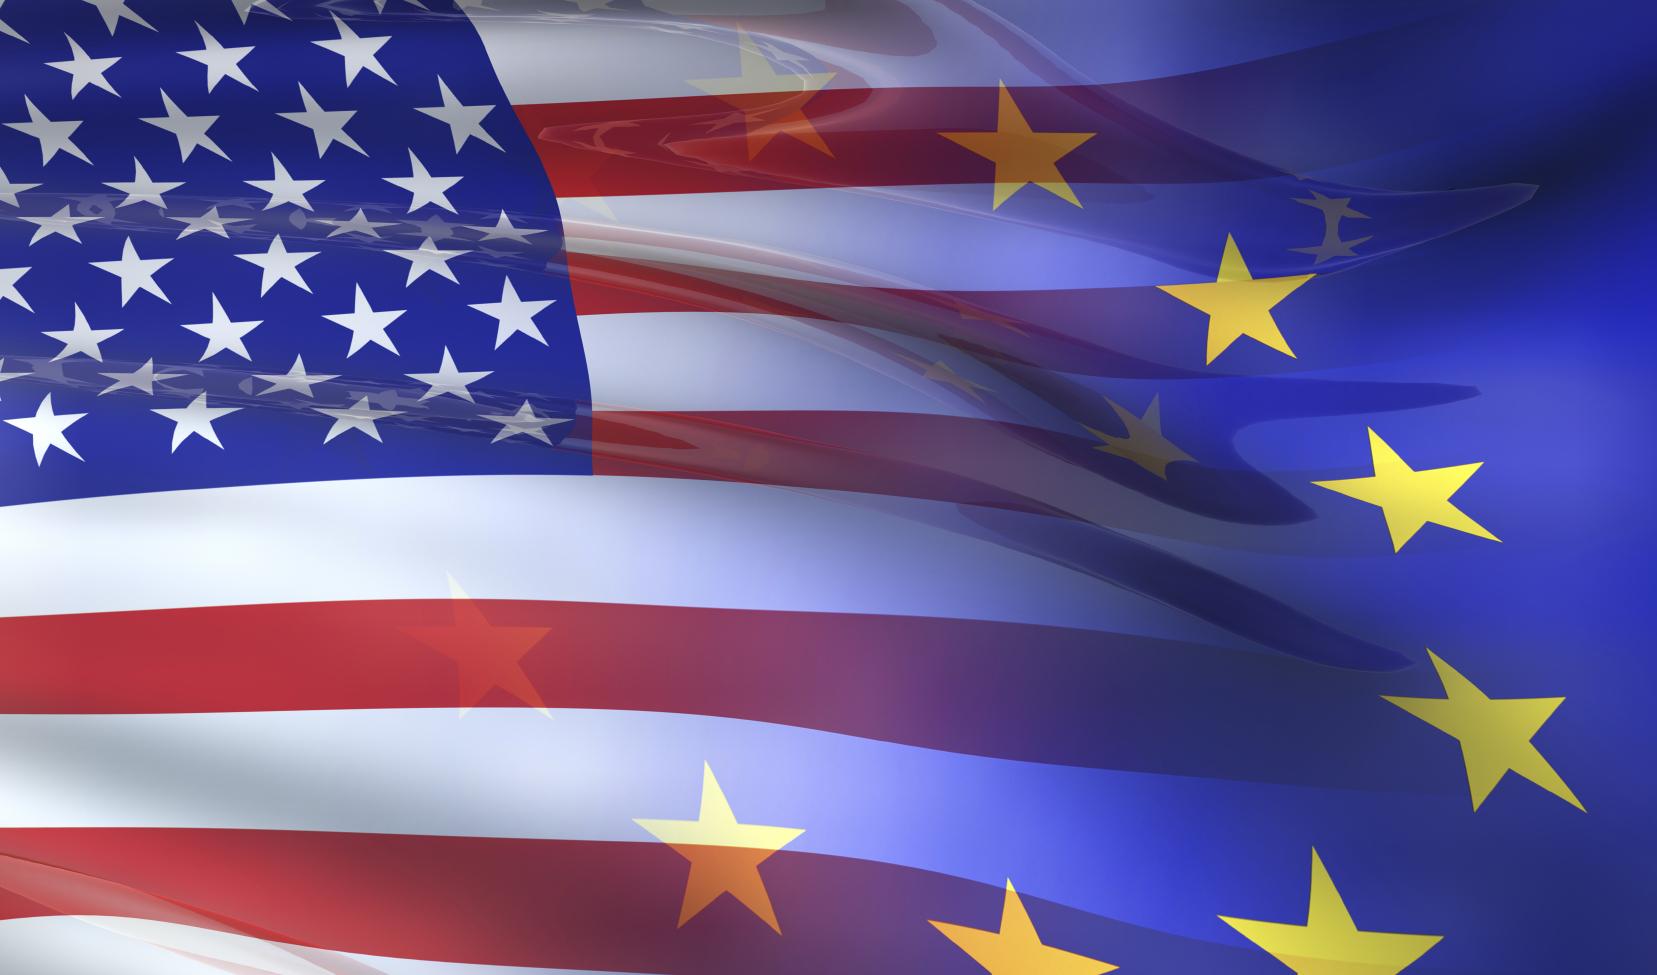 نبرد دیپلماتیک آمریکا و اروپا بر سر برجام در سال آینده میلادی